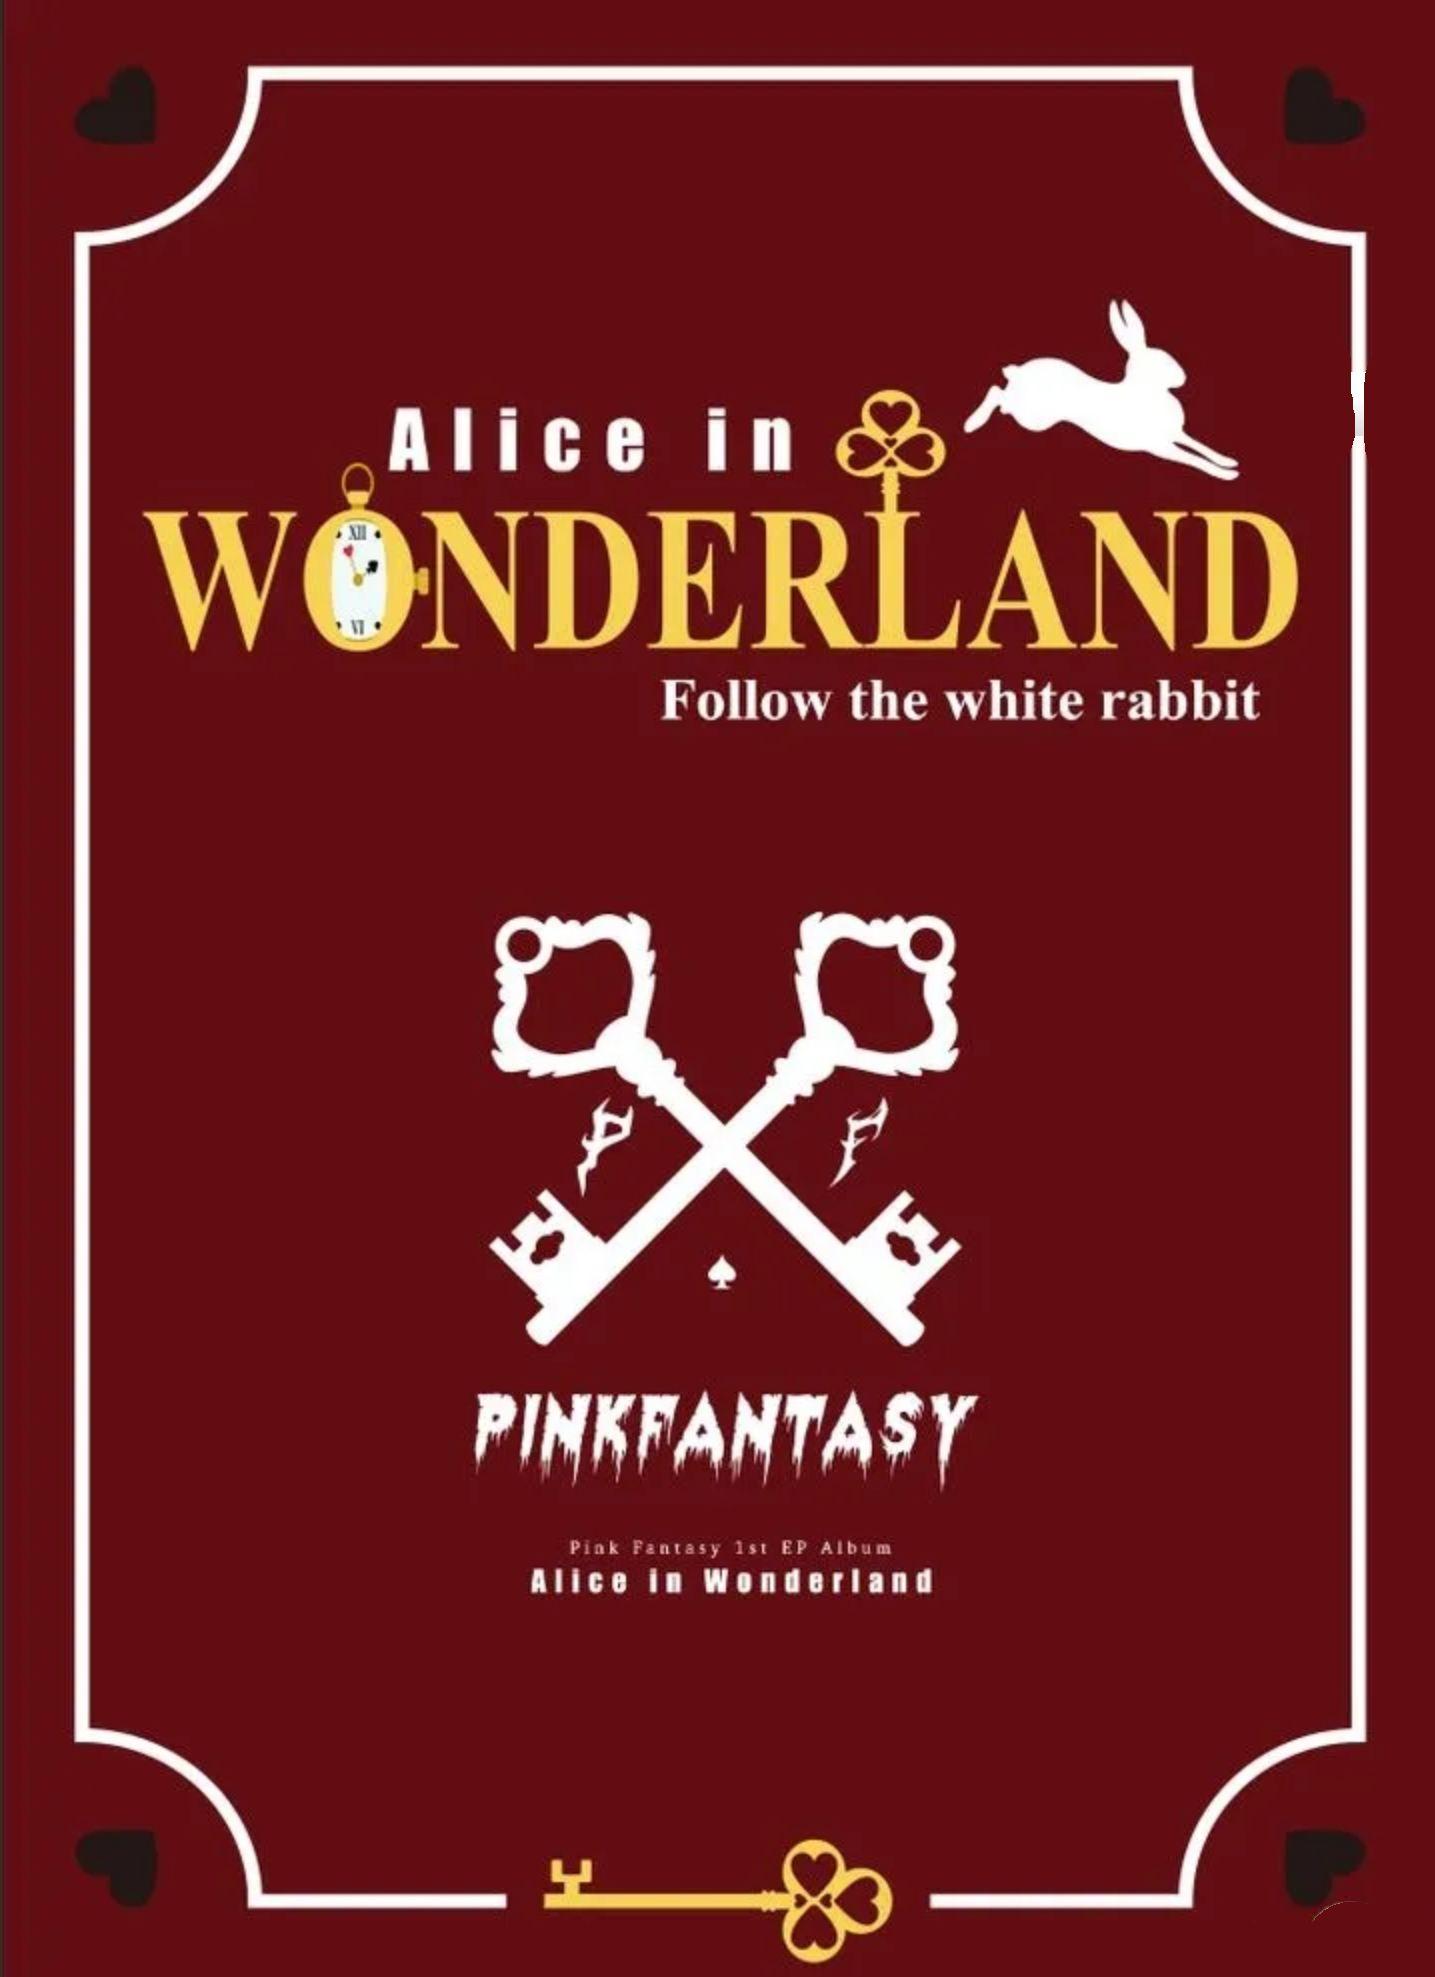 Alice in Wonderland (Wonderland version)